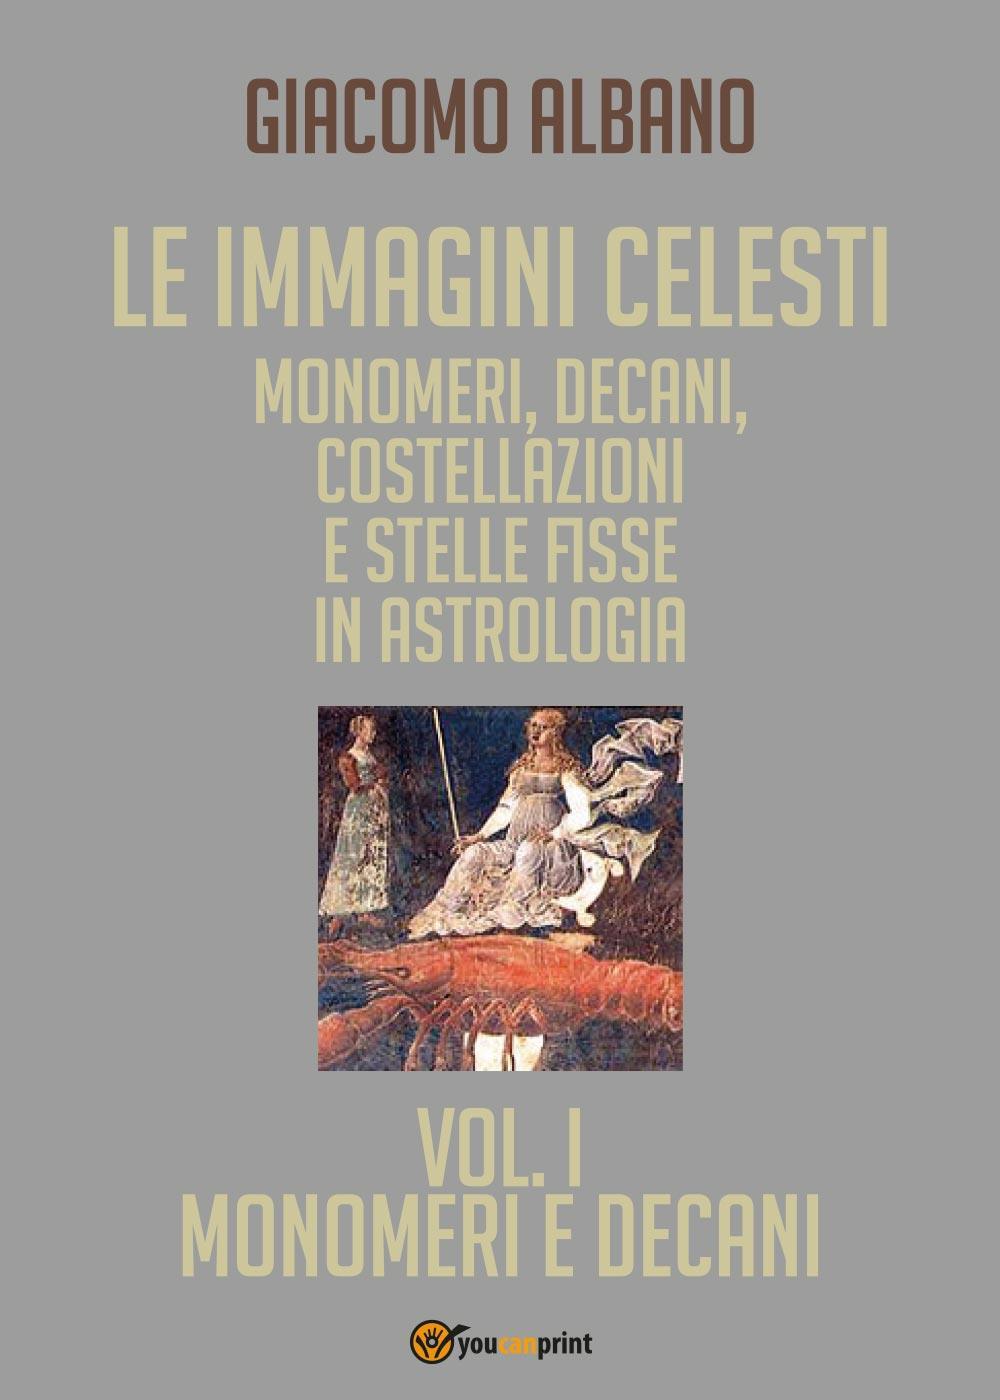 Le immagini celesti: monomeri, decani, costellazioni e stelle fisse in astrologia - Vol. I - Monomeri e Decani